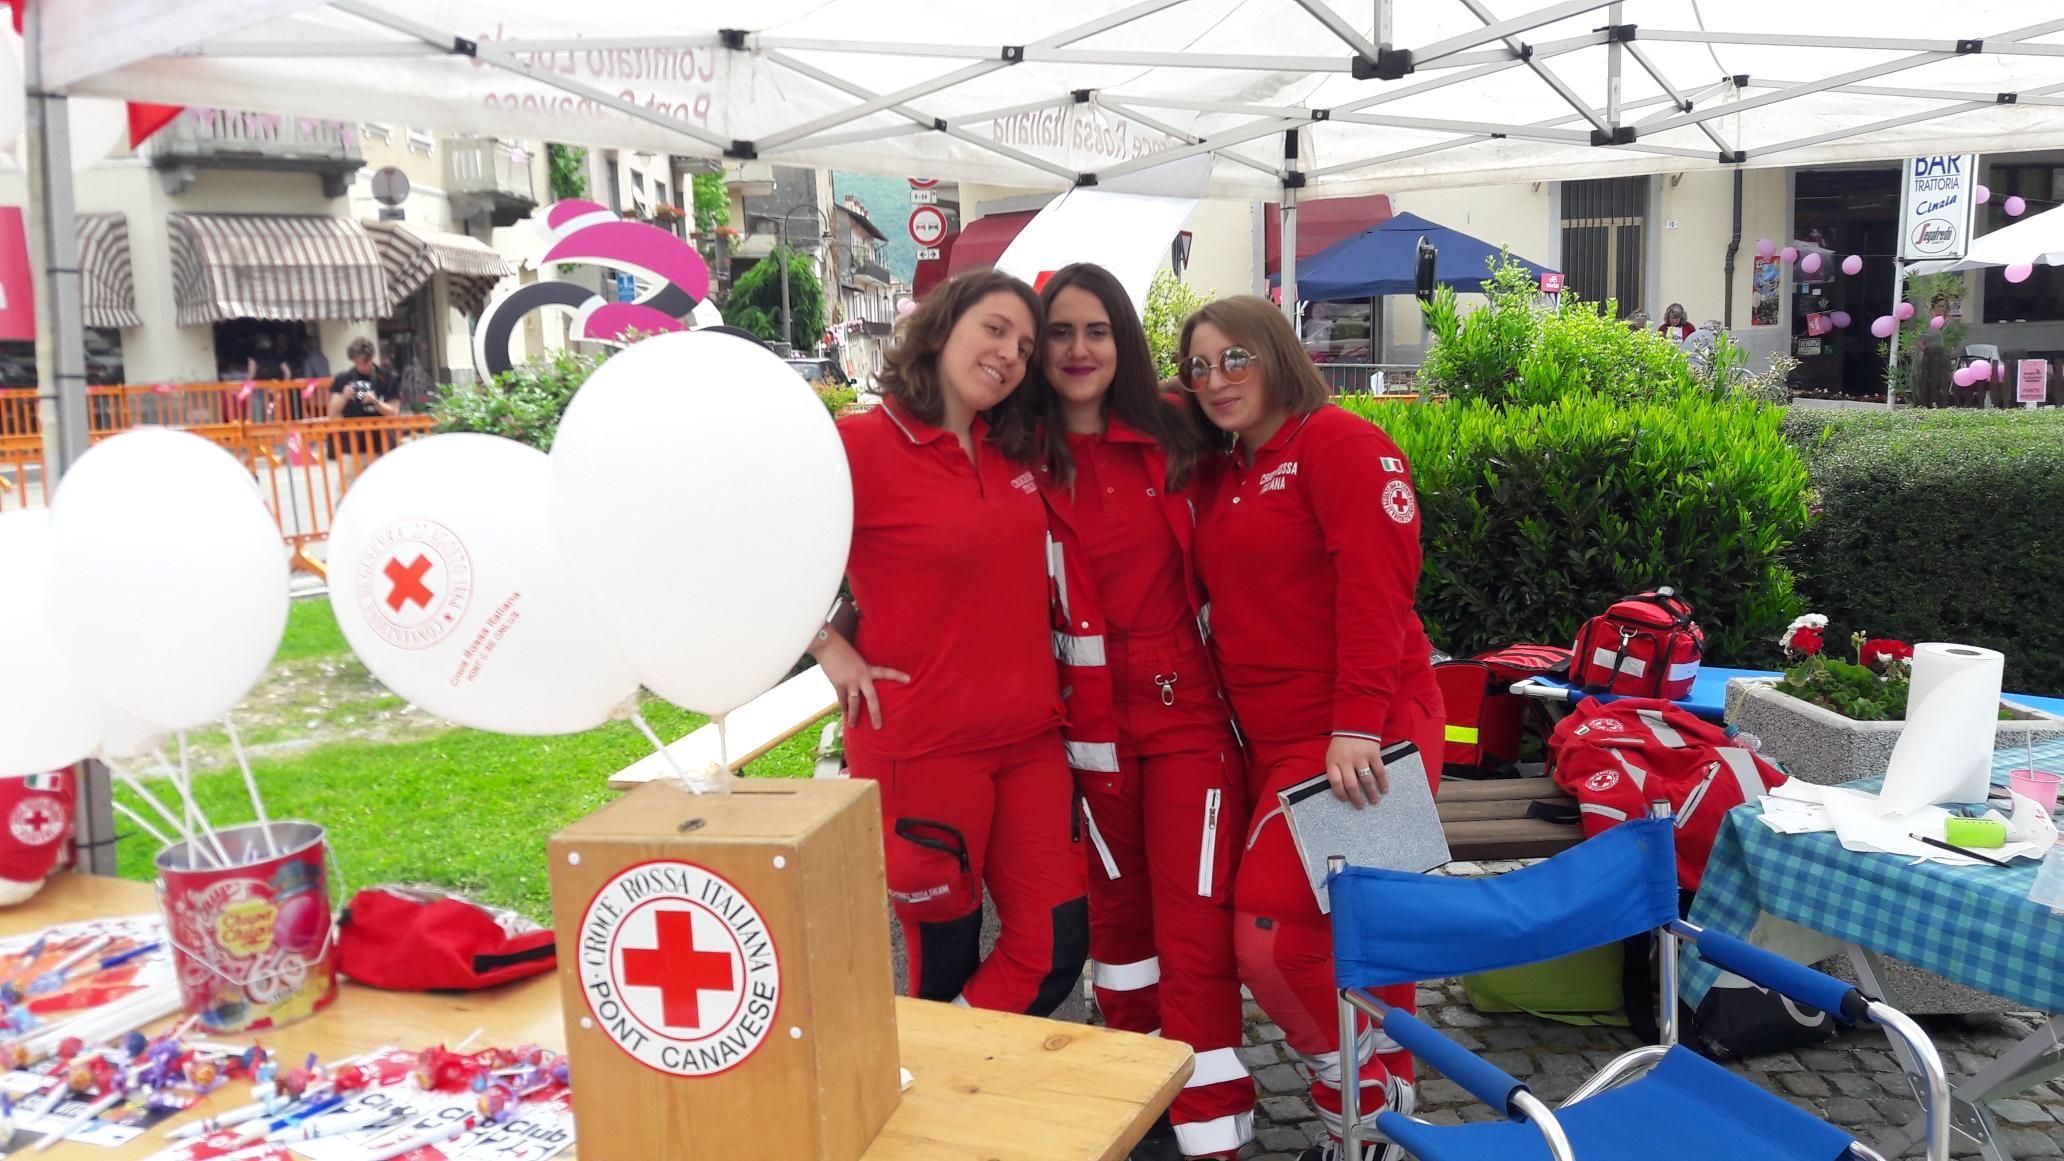 CANAVESE - Il grande impegno della CRI per il Giro d'Italia - FOTO